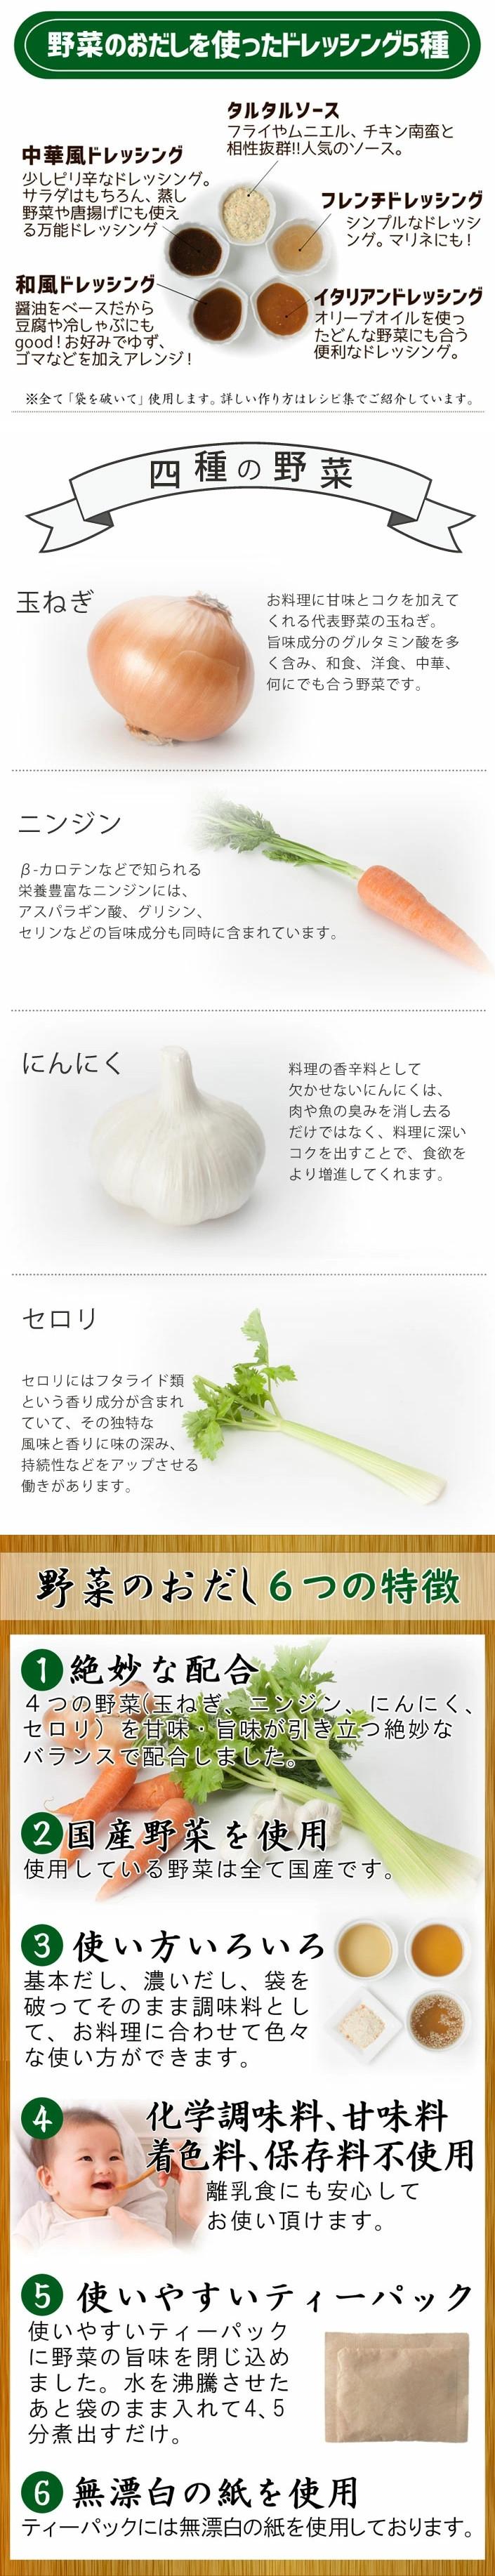 無添加・国産野菜のだしで料理の腕がプロ級に!いつもの料理に加えるだけで本格的に!健康 筋肉 歩行困難 筋力 維持 低下抑制 機能性表示食品